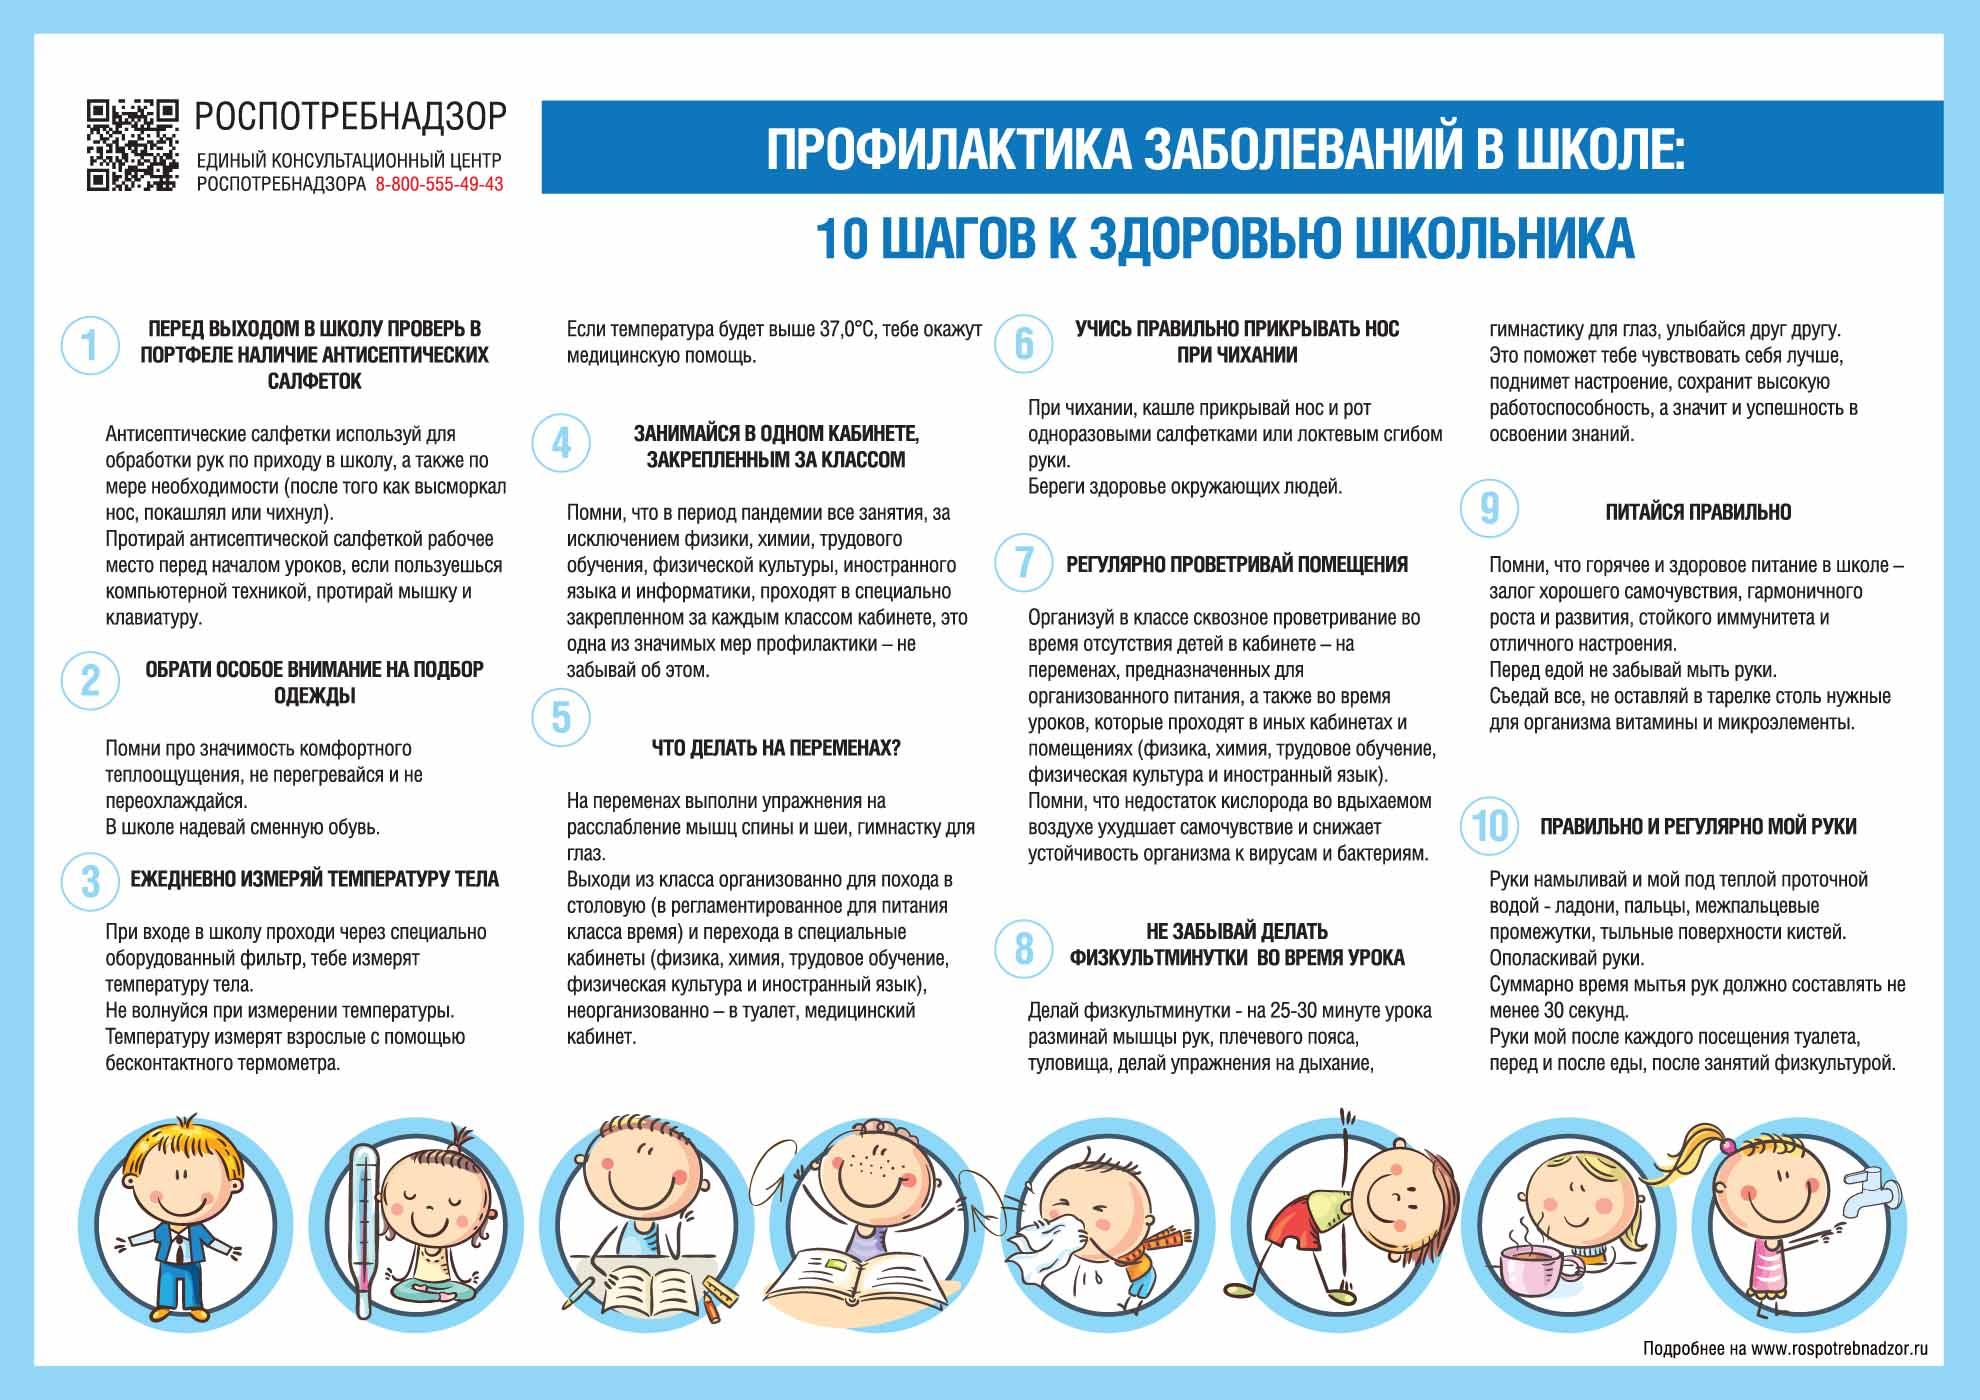 Памятка для детей по профилактике заболеваний в школе